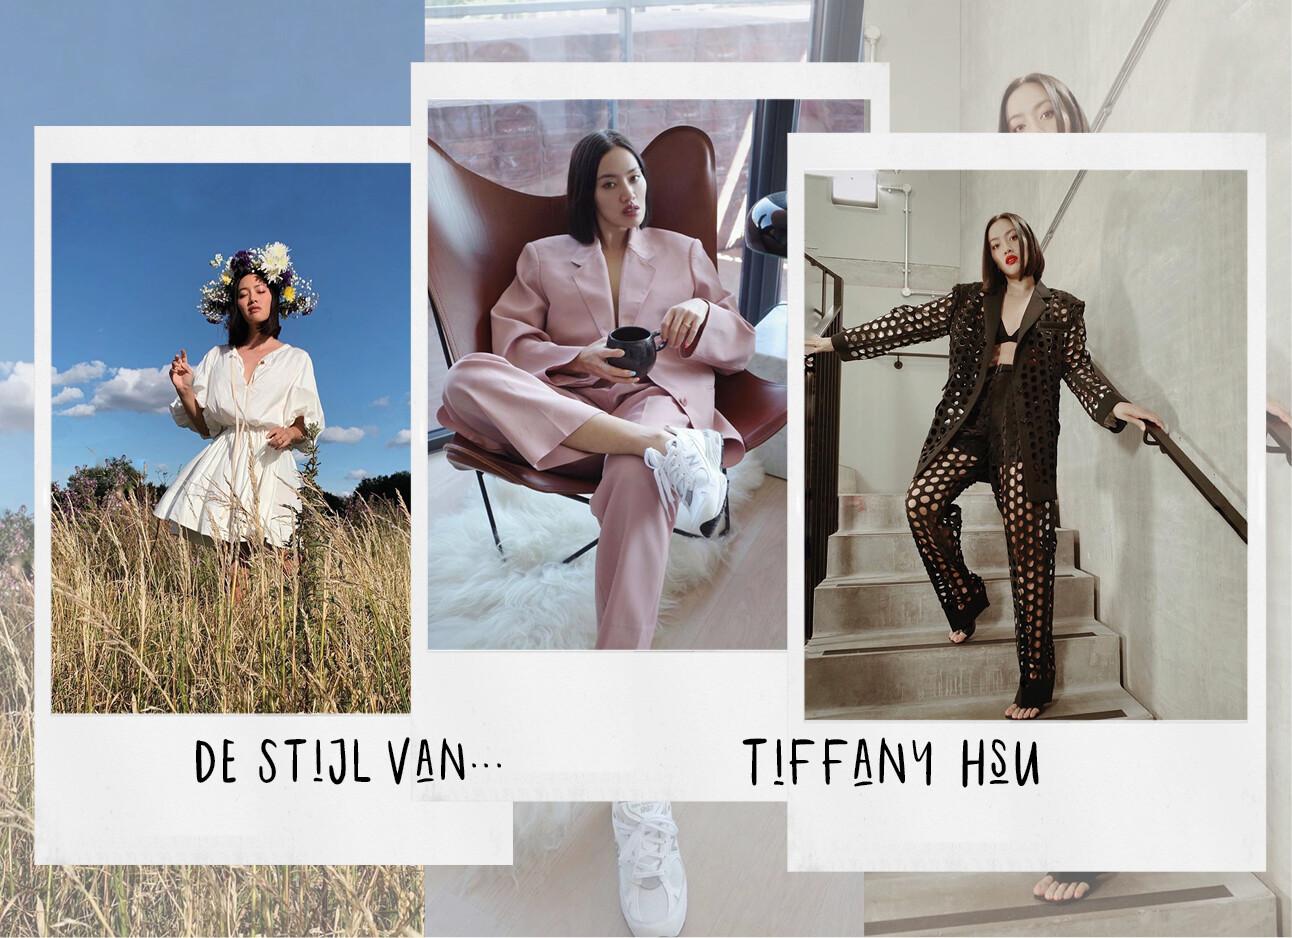 De stijl van Tiffany Hsu